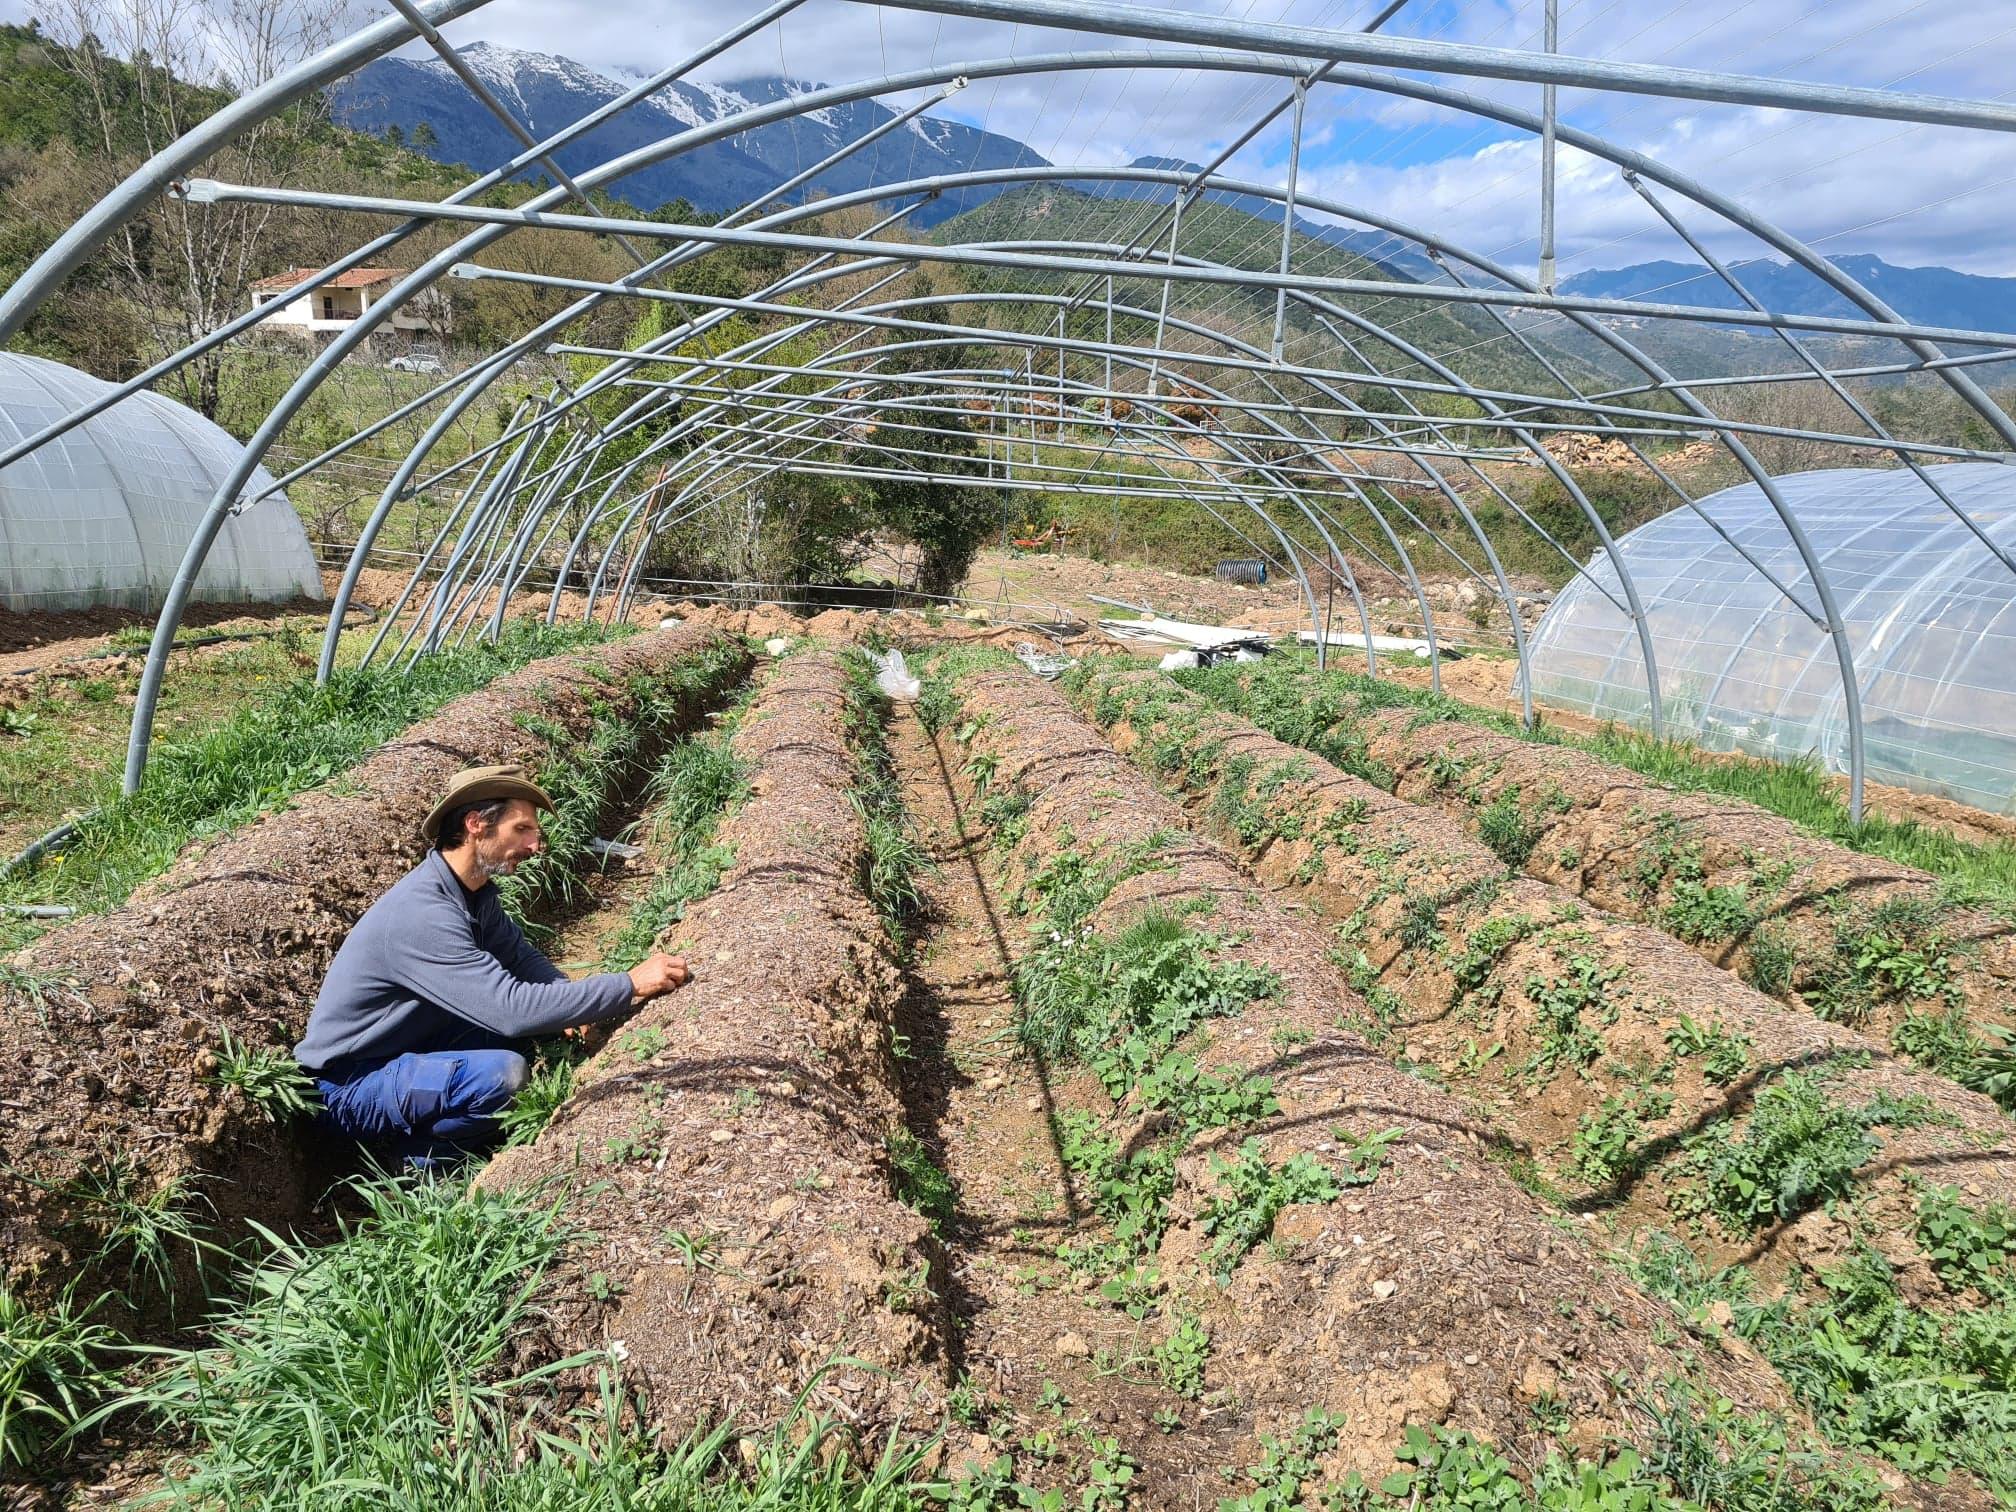 Exit les sillons à ras de terre et le mal de dos, la permaculture c'est aussi optimiser l'espace. Crédits Photo : Pierre-Manuel Pescetti